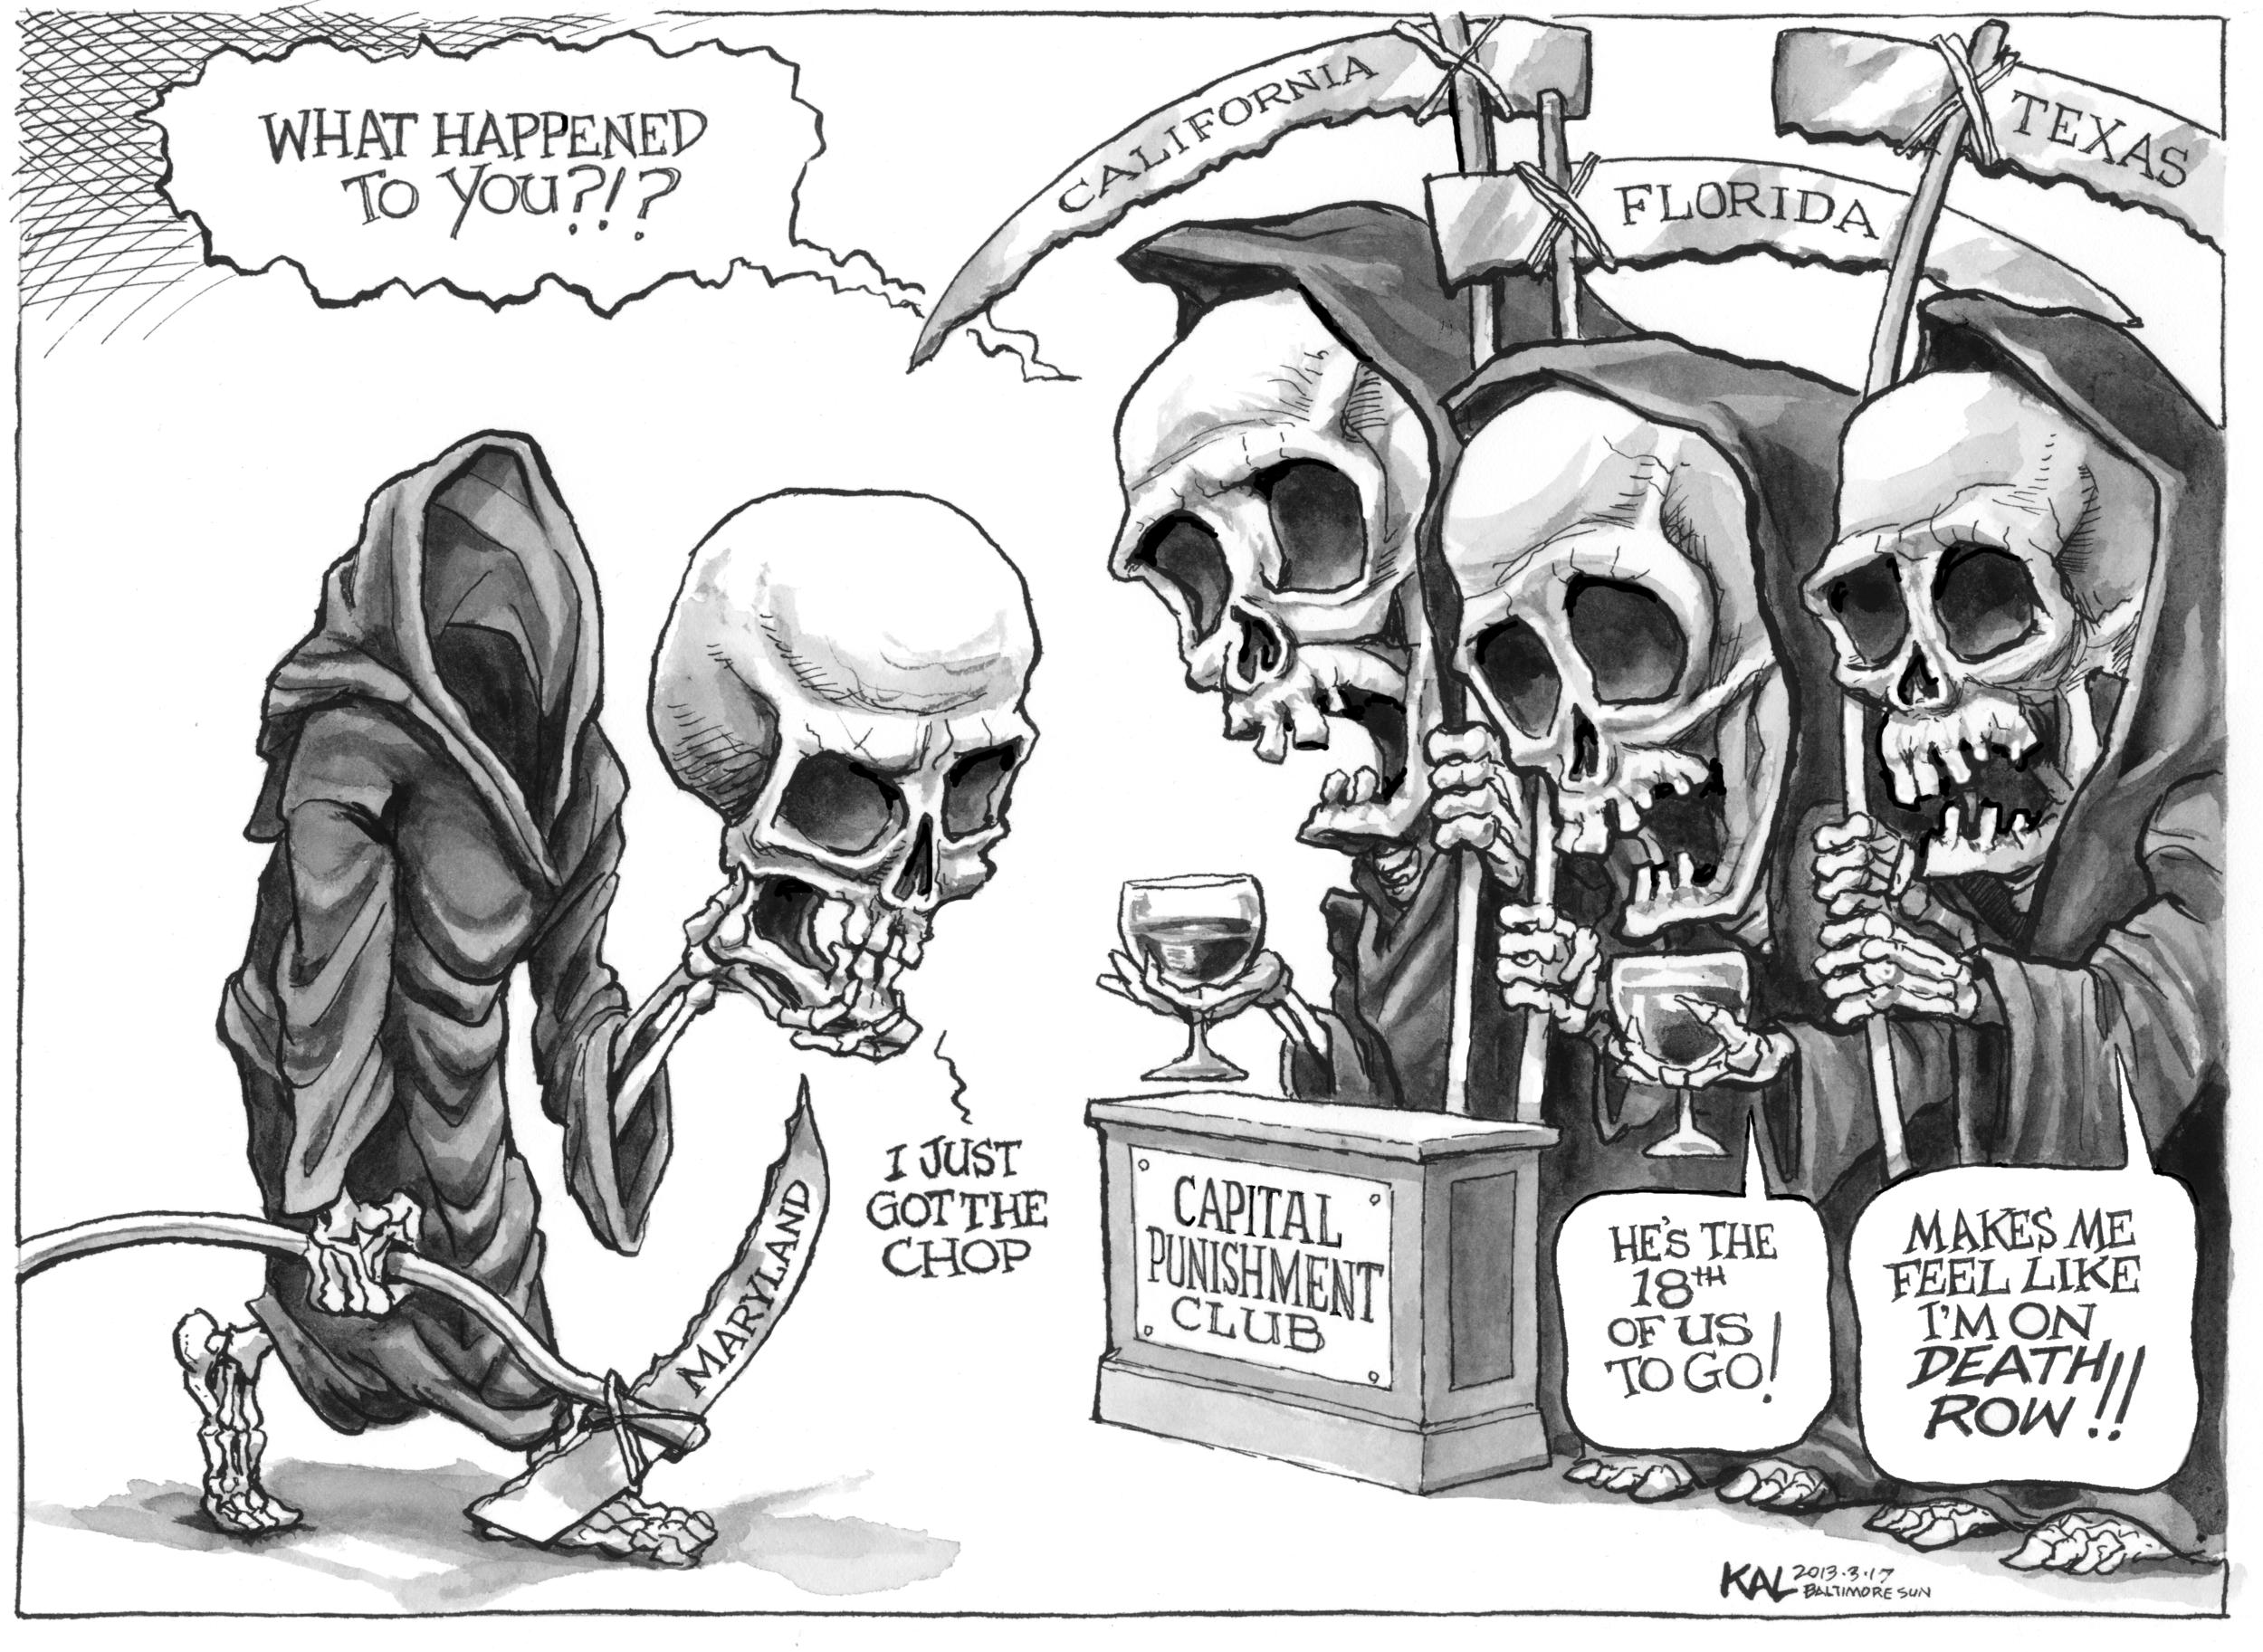 Kal_Sun cartoon 3-17-13lg.png